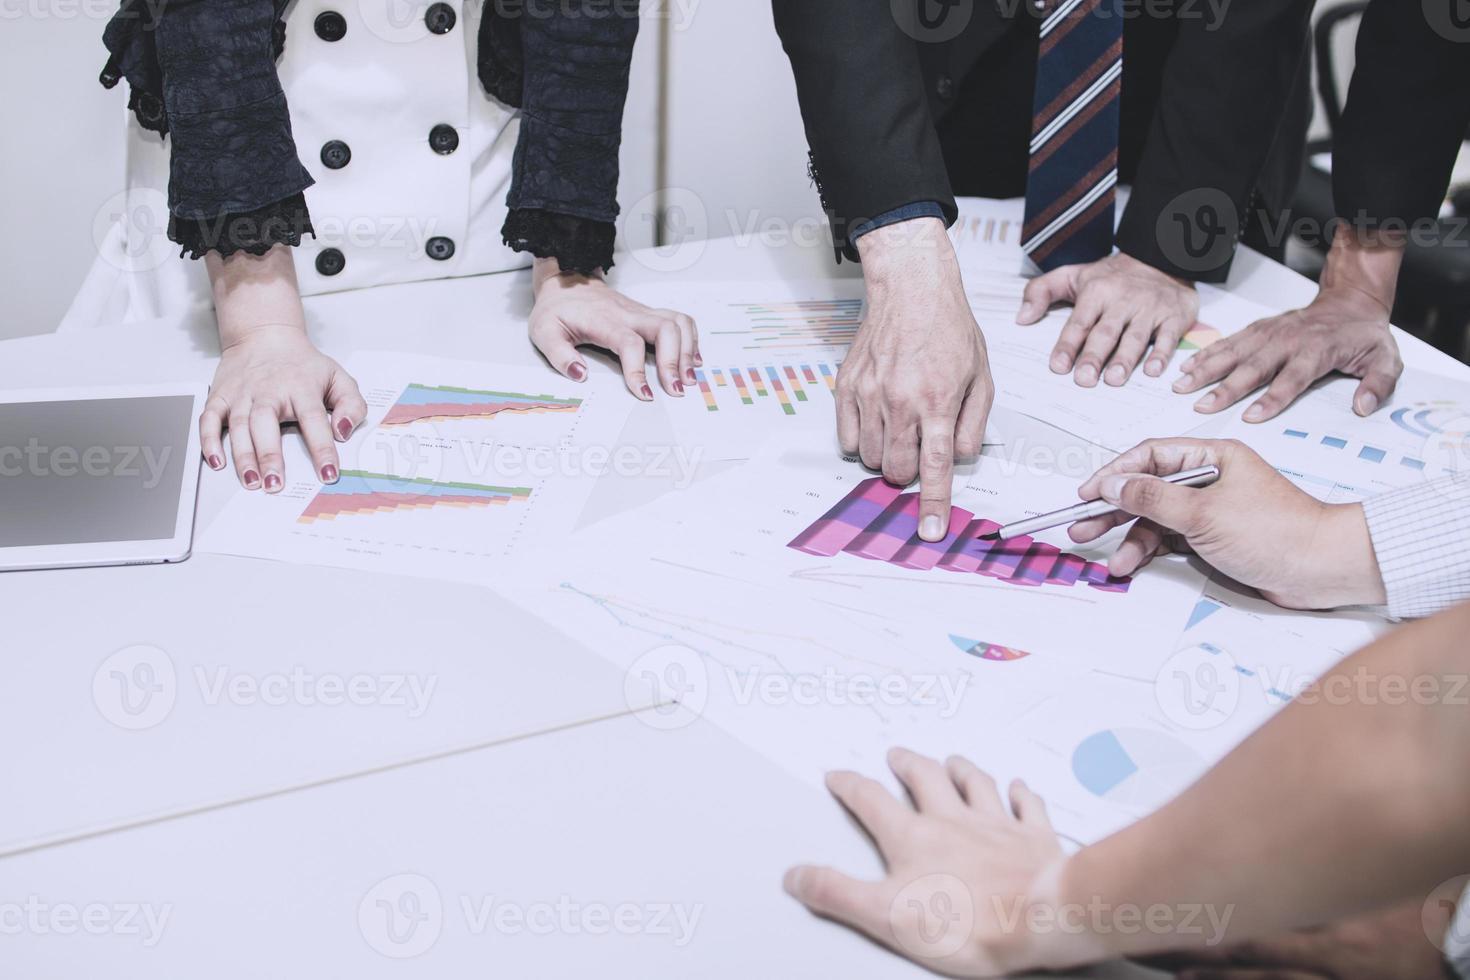 Eine Gruppe von Geschäftsleuten versammelte sich um ein Diagramm foto